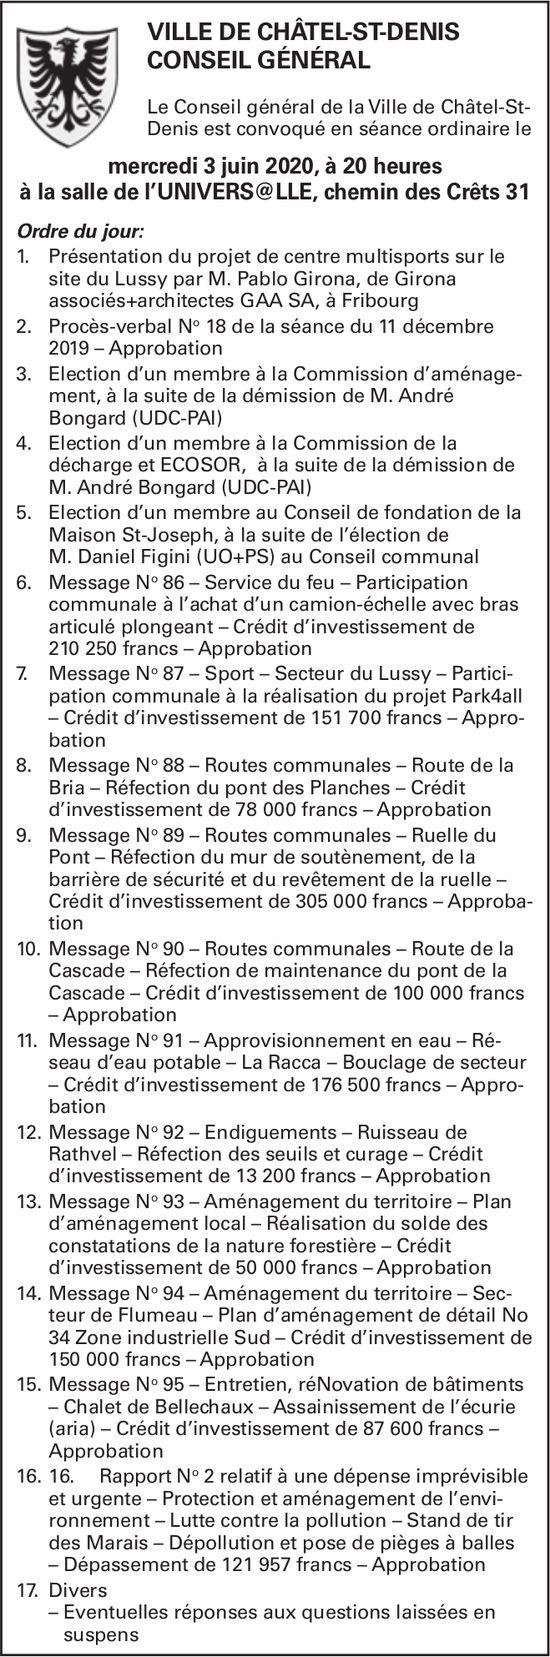 CONSEIL GÉNÉRAL, 3 juin, Salle universelle, Châtel-St-Denis